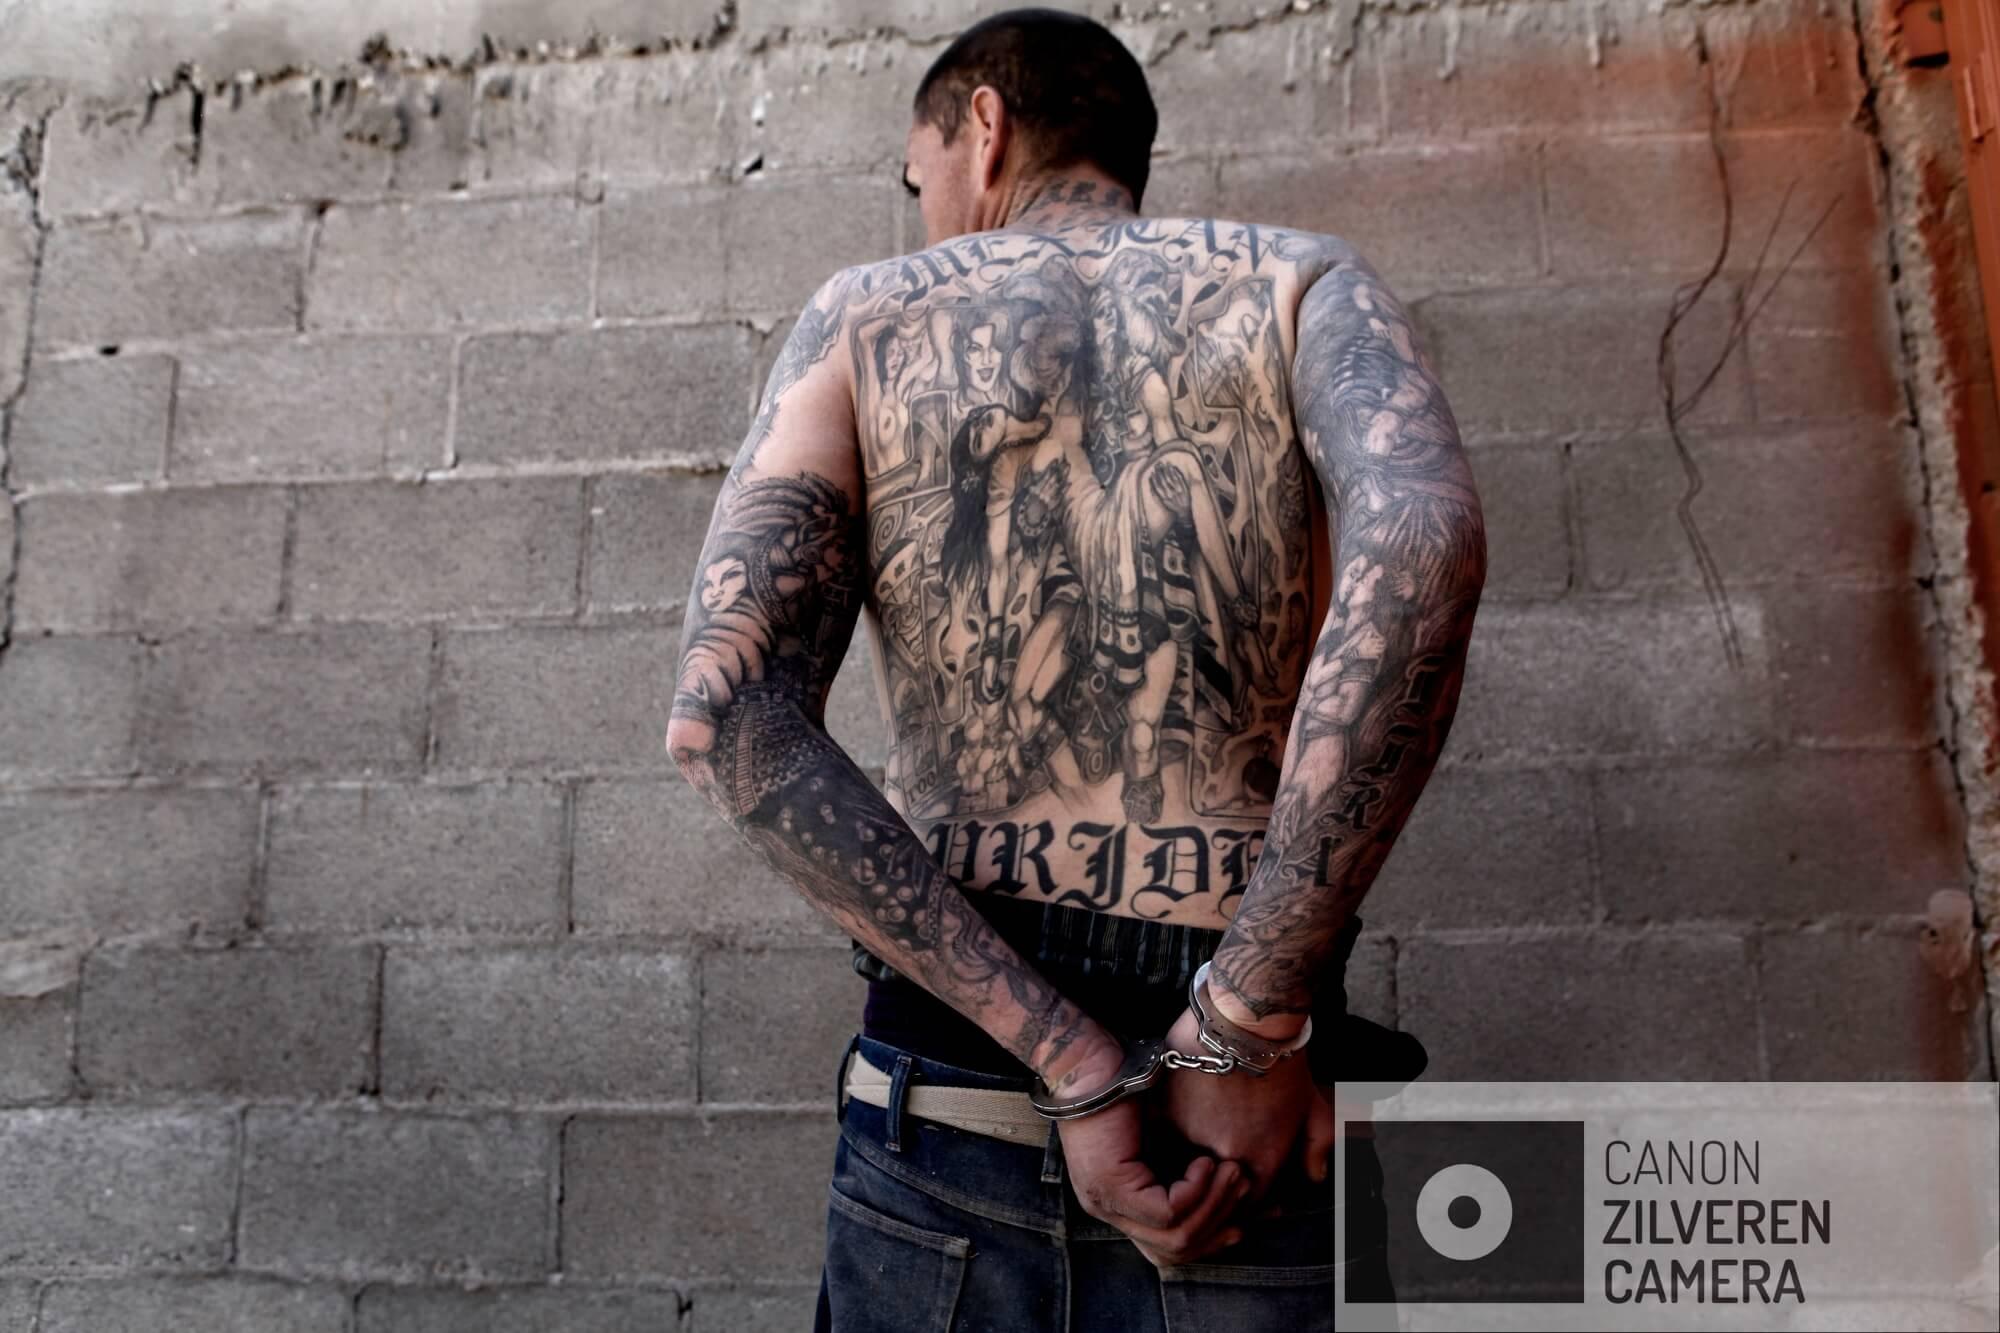 44-jaar oude heroïne-dealer Carlos Ricardo Elizalde Lira is op heterdaad betrapt tijdens een heroïne-deal en wordt direct in de boeien geslagen.